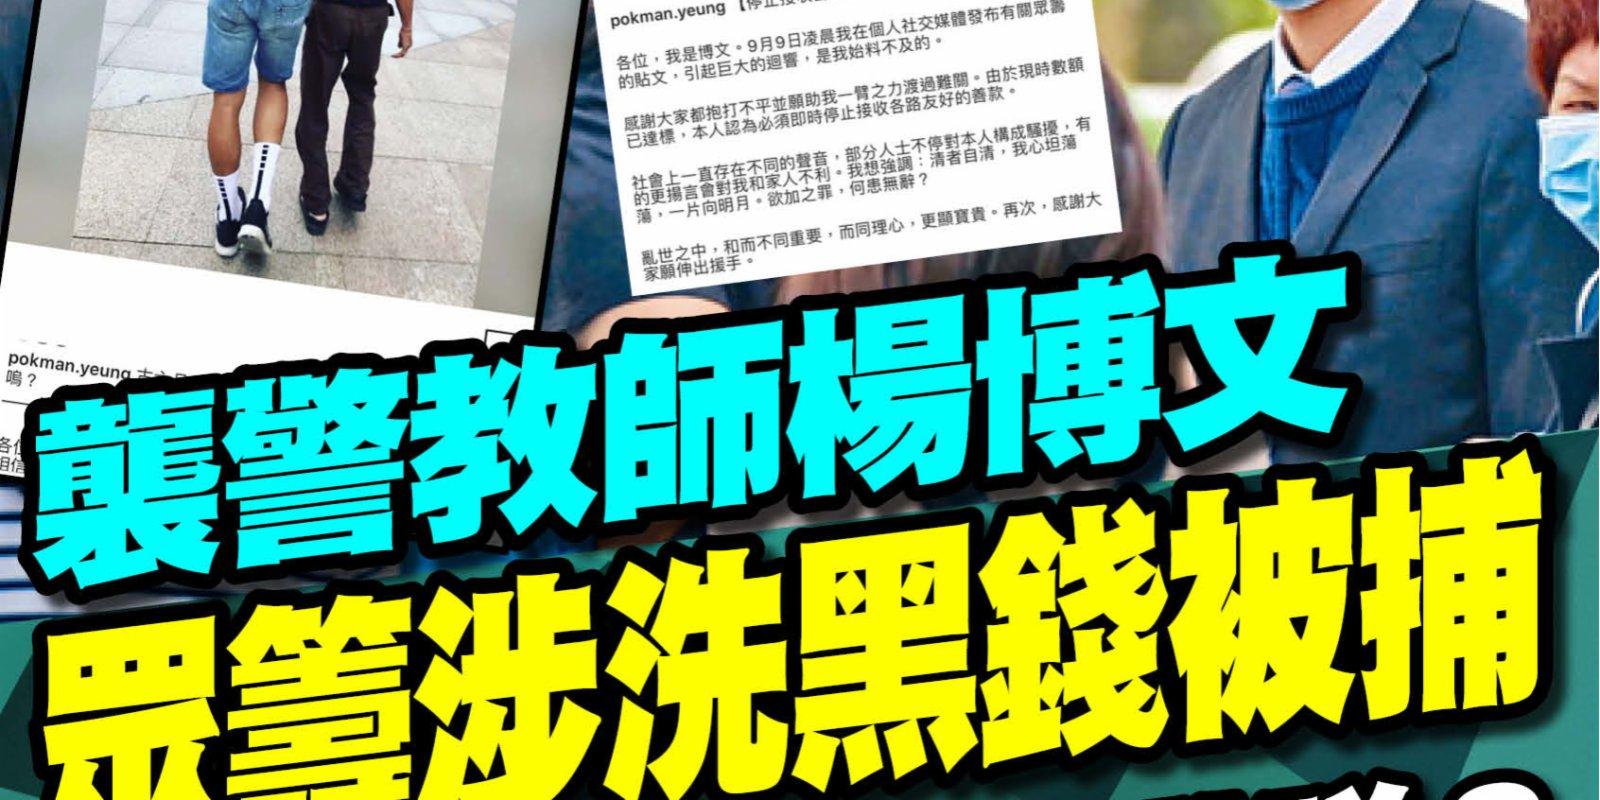 襲警教師楊博文眾籌涉洗黑錢被捕 你點睇?